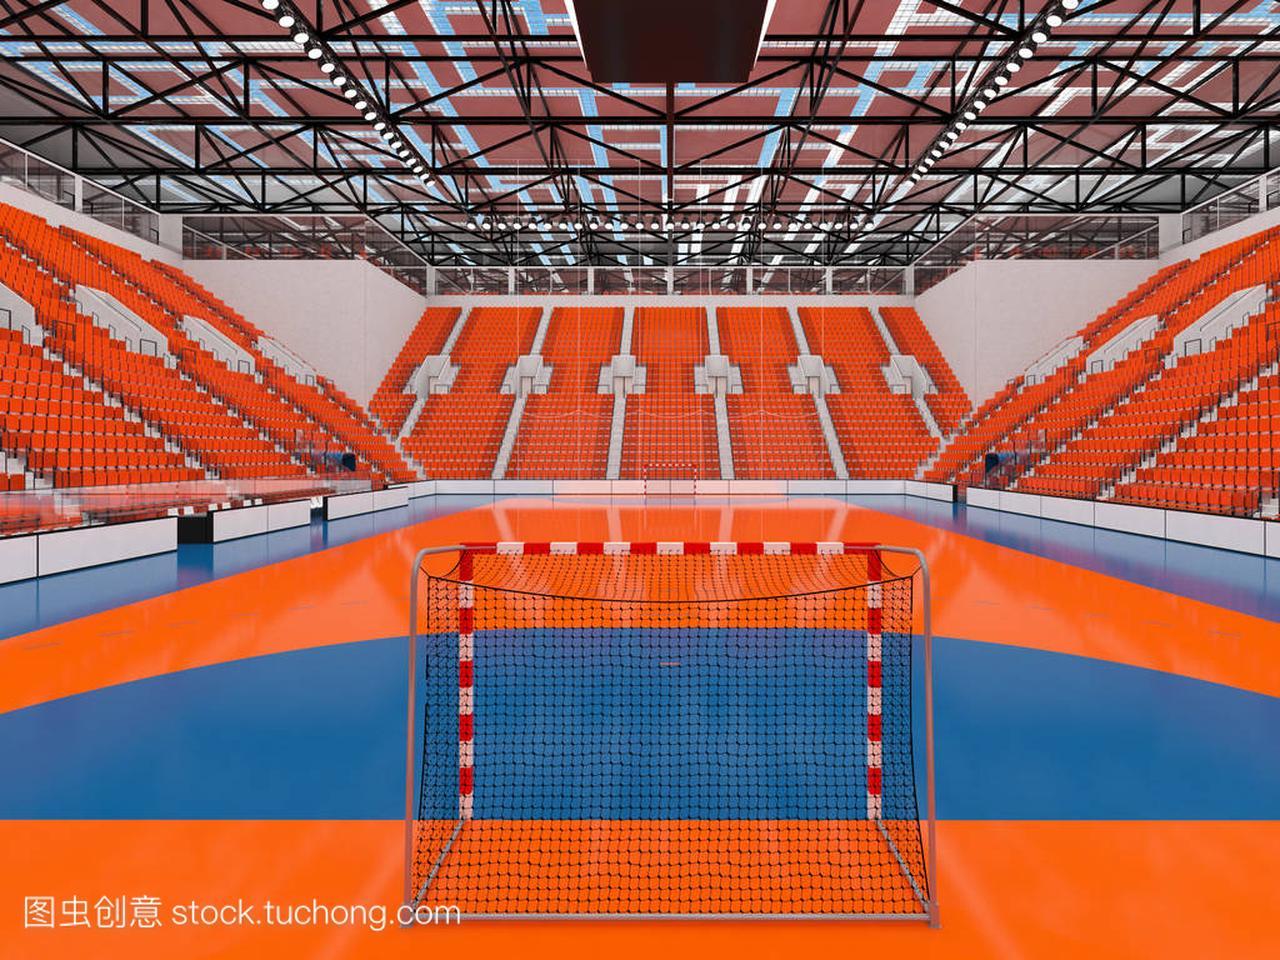 现代球迷竞技场橙色与芭蕾体操和1万艺术的体育好座椅还是手球好图片